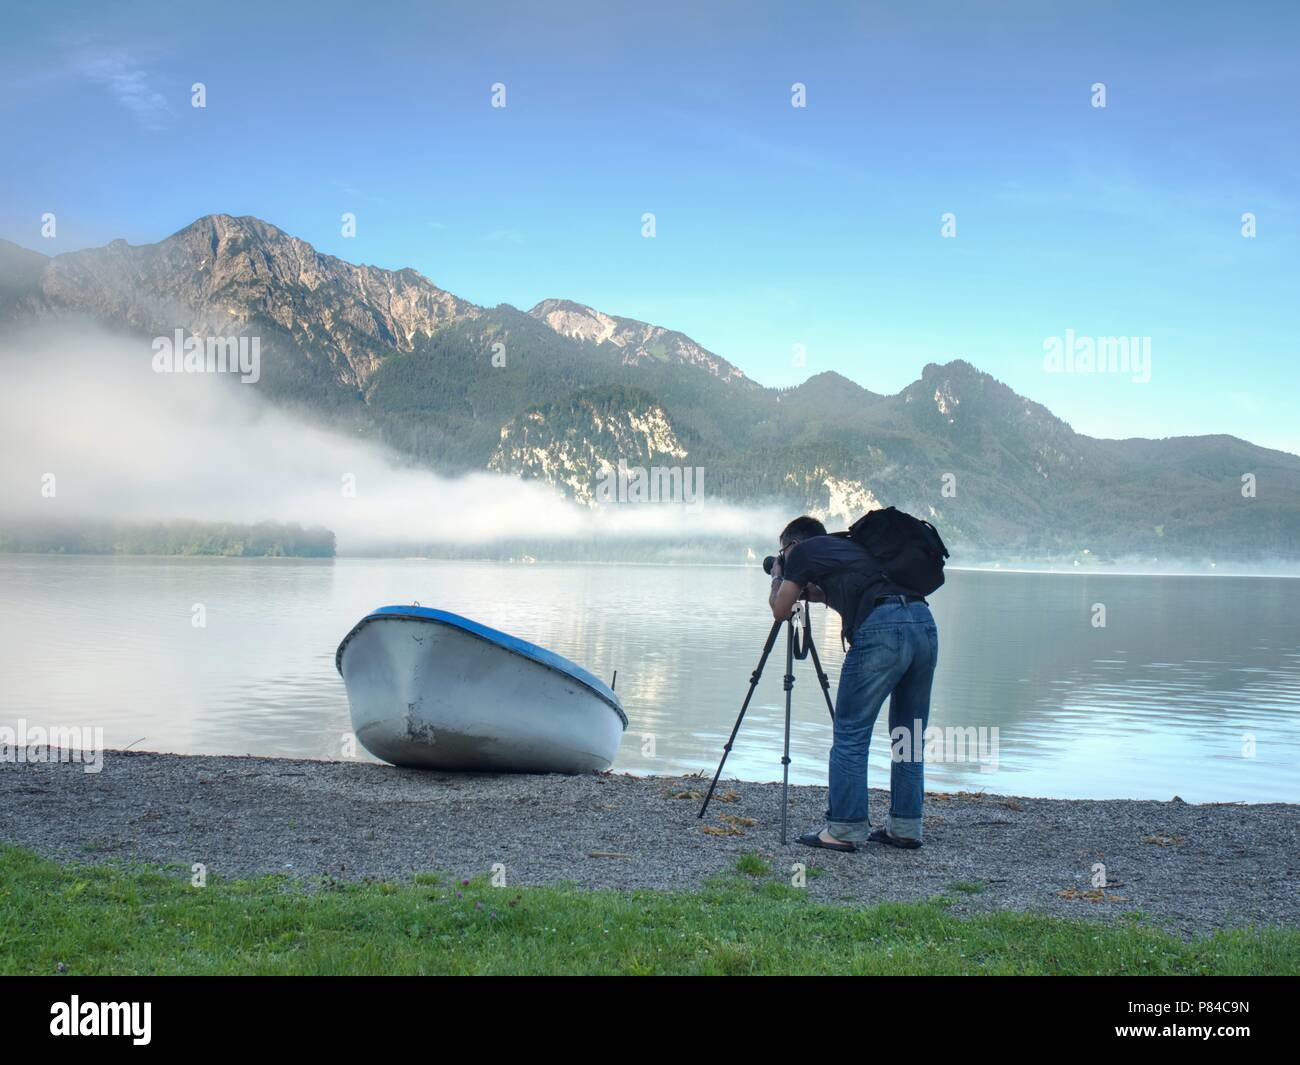 L'uomo escursionista è tenuto foto della nave al mountain lake shore. Silhouette a la pesca in barca a remi sul lago di costa. Immagini Stock